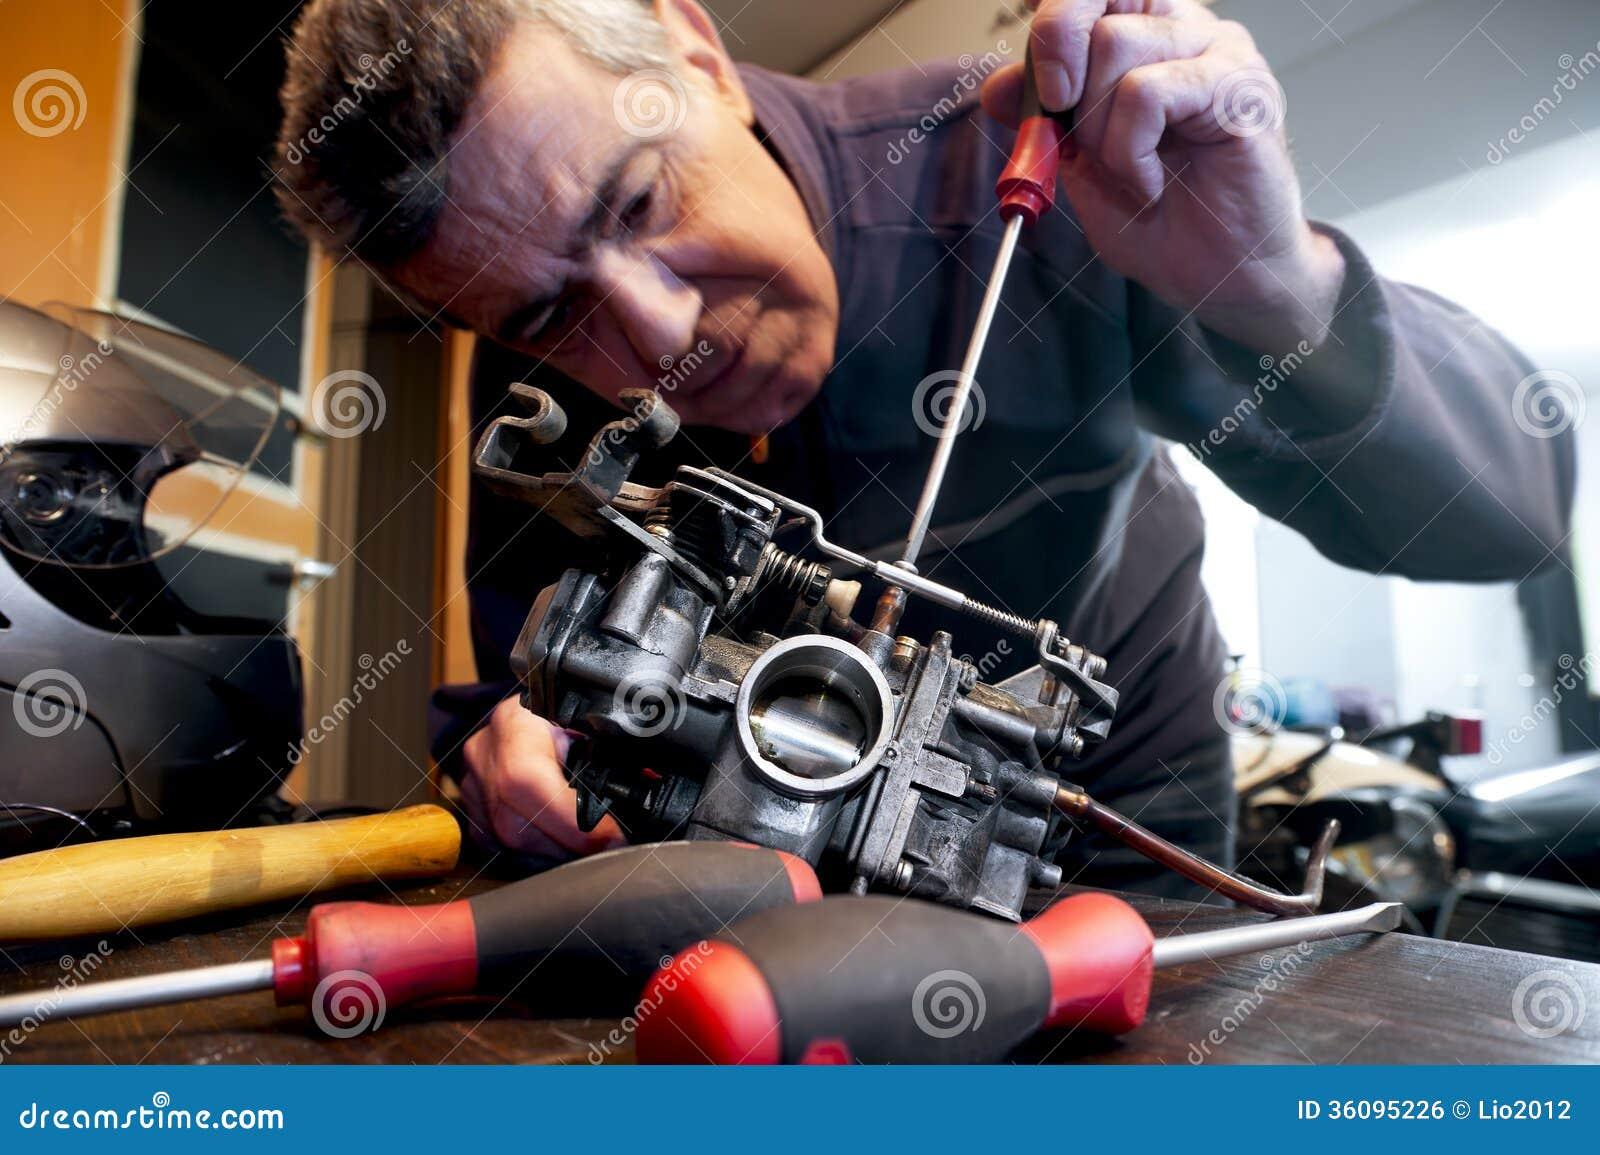 Mechanic Repairs A Carburetor Royalty Free Stock Image